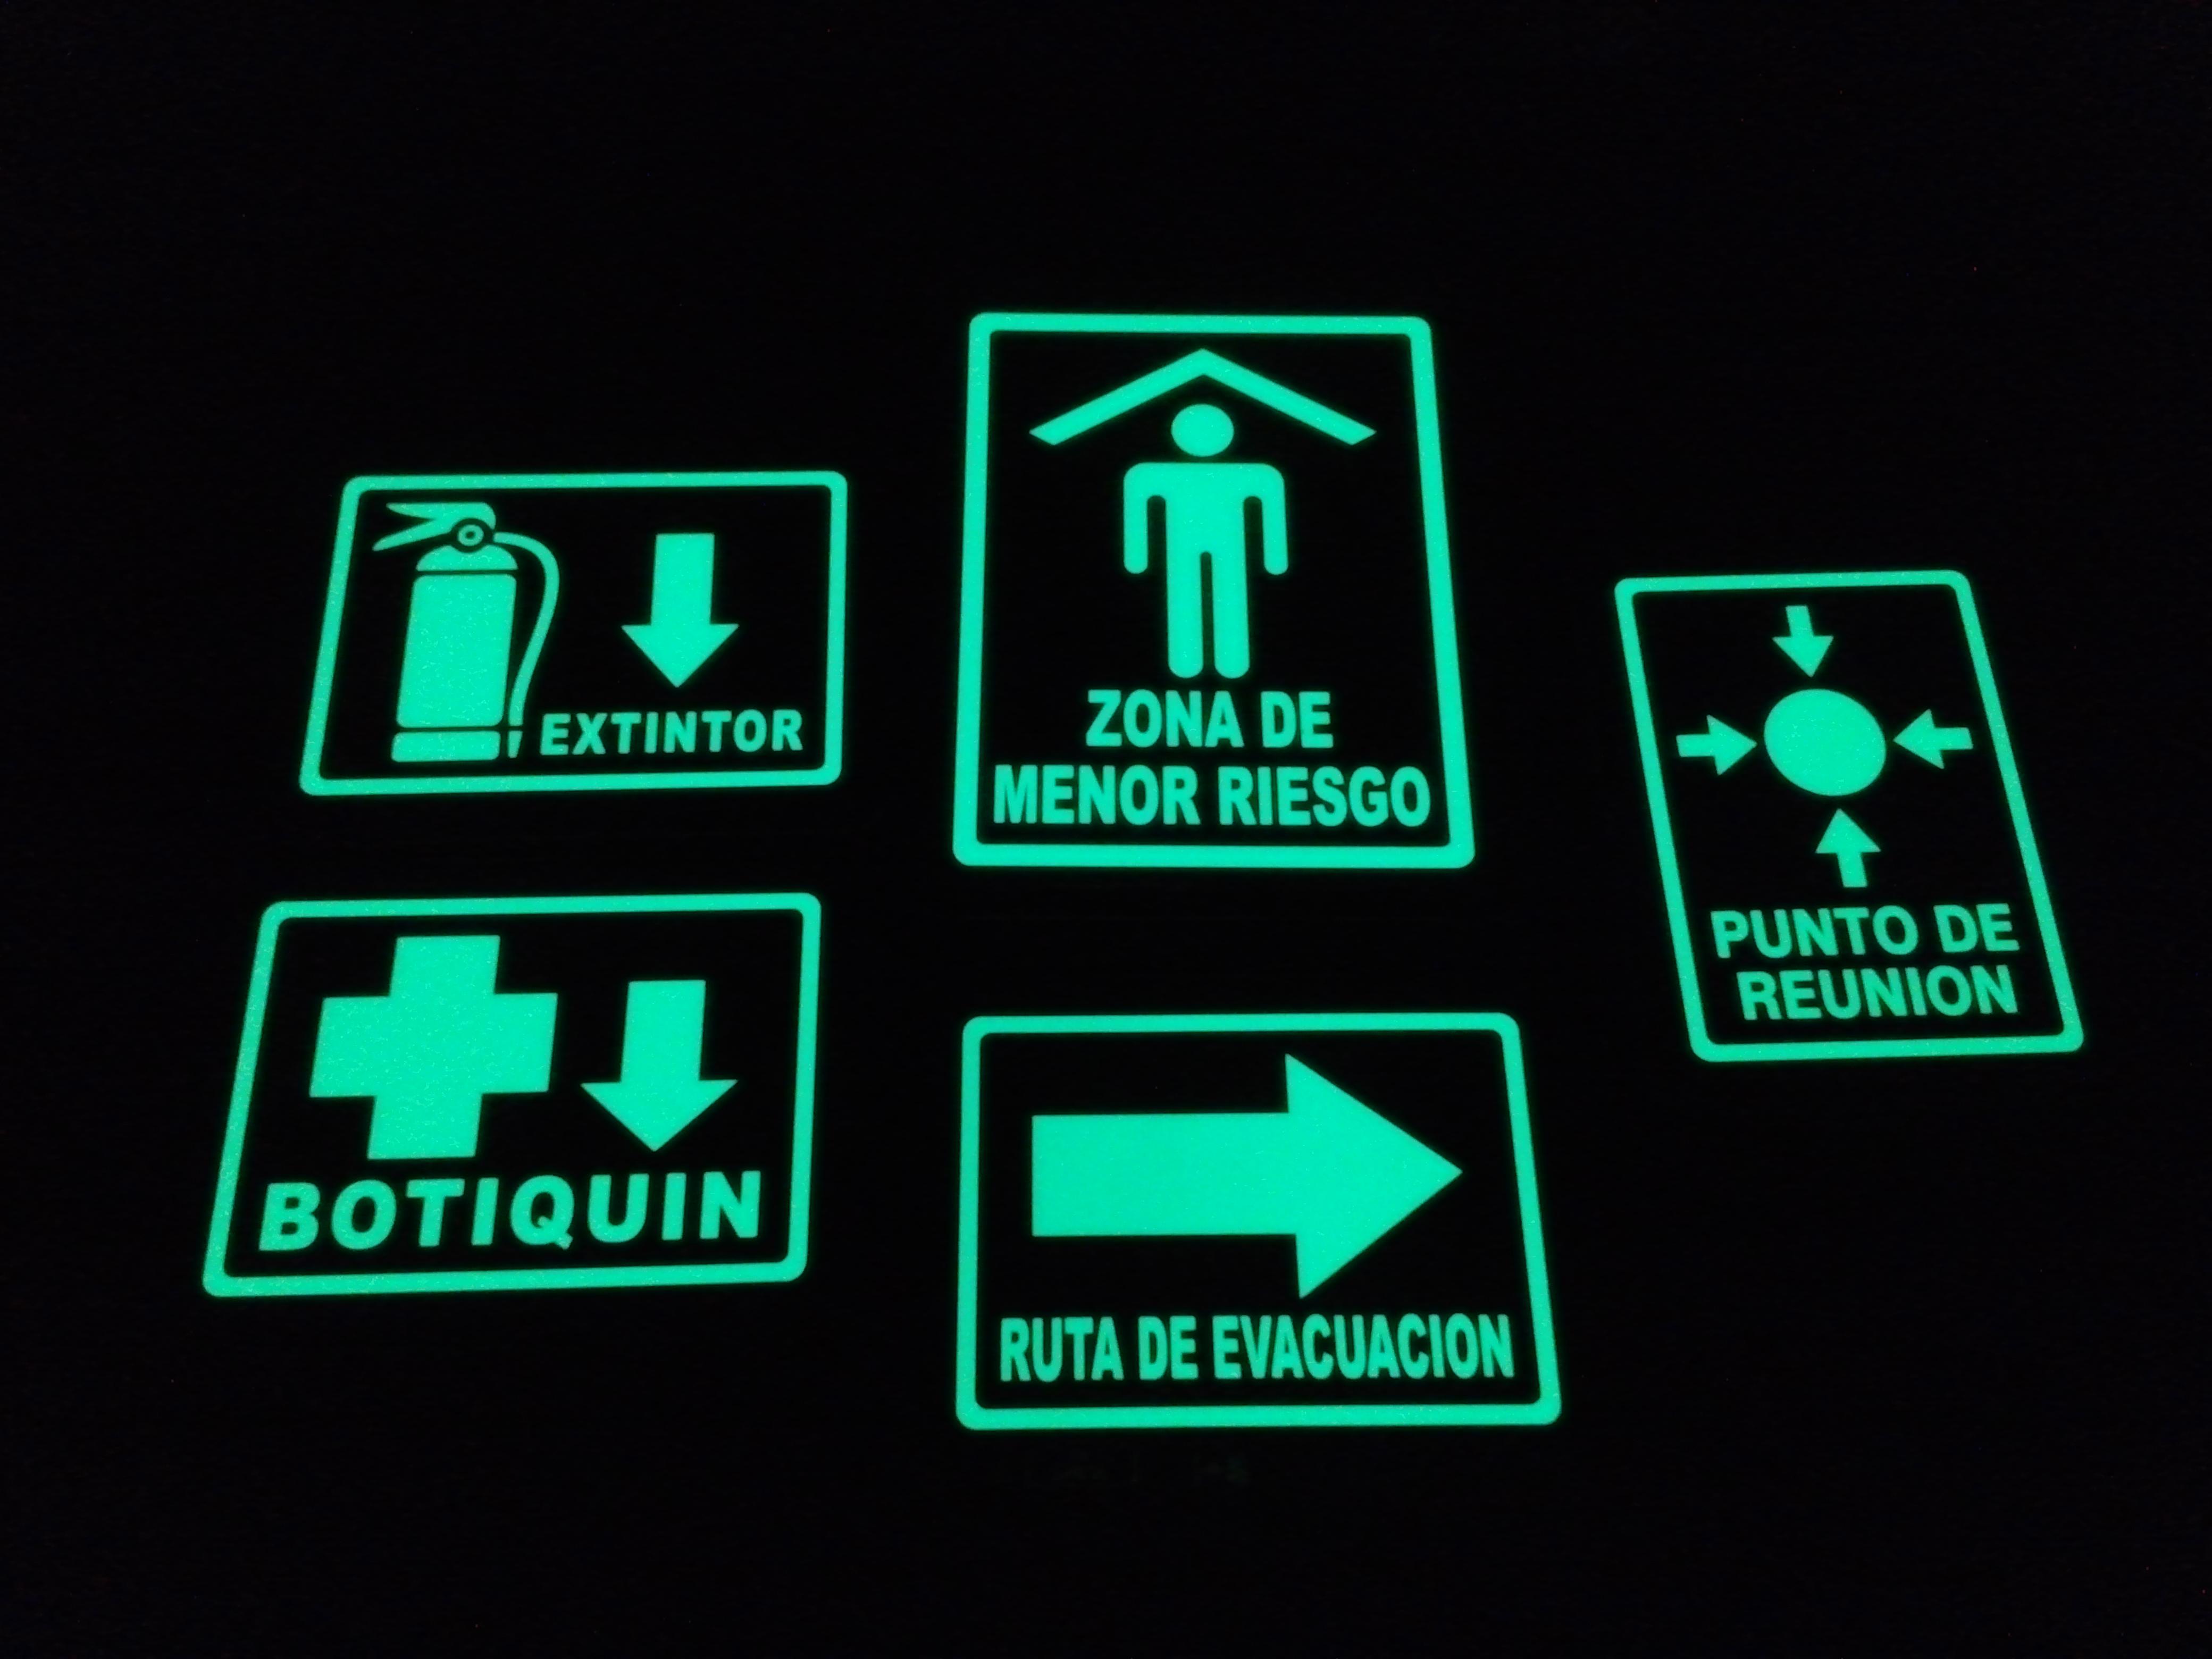 Señalamientos con vinil fotolumini